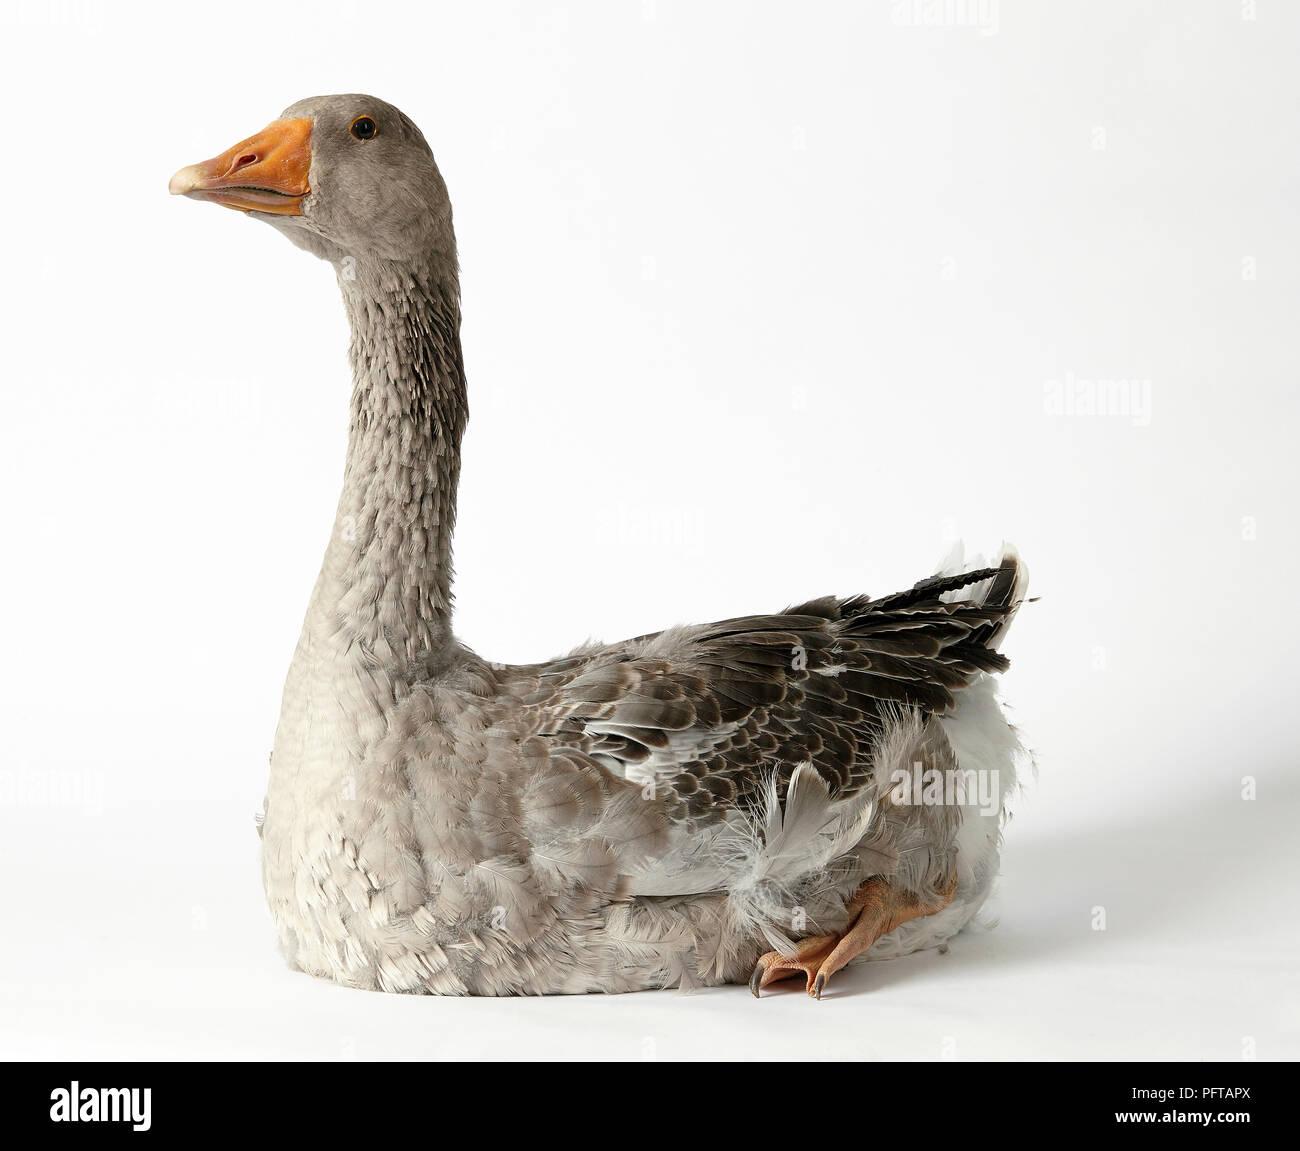 Toulouse Goose Stock Photo 216279586 Alamy